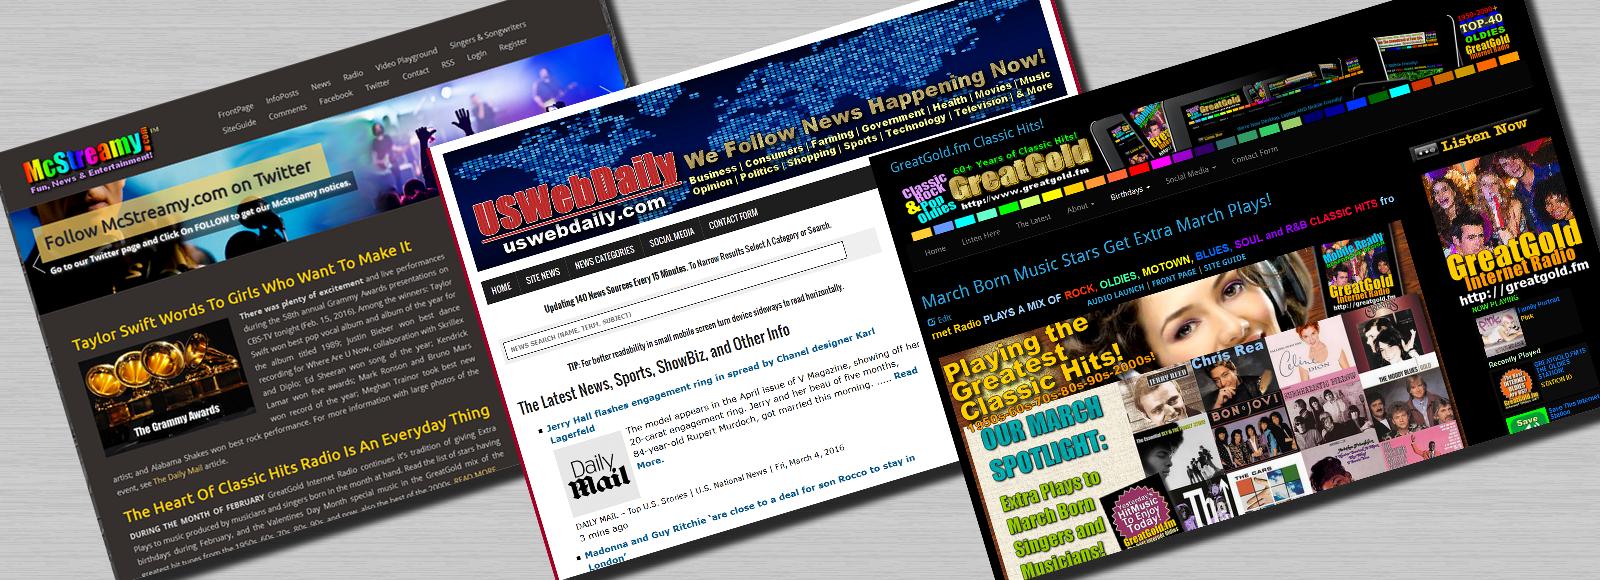 greatgraphix-built_websites-group-1_1600x600